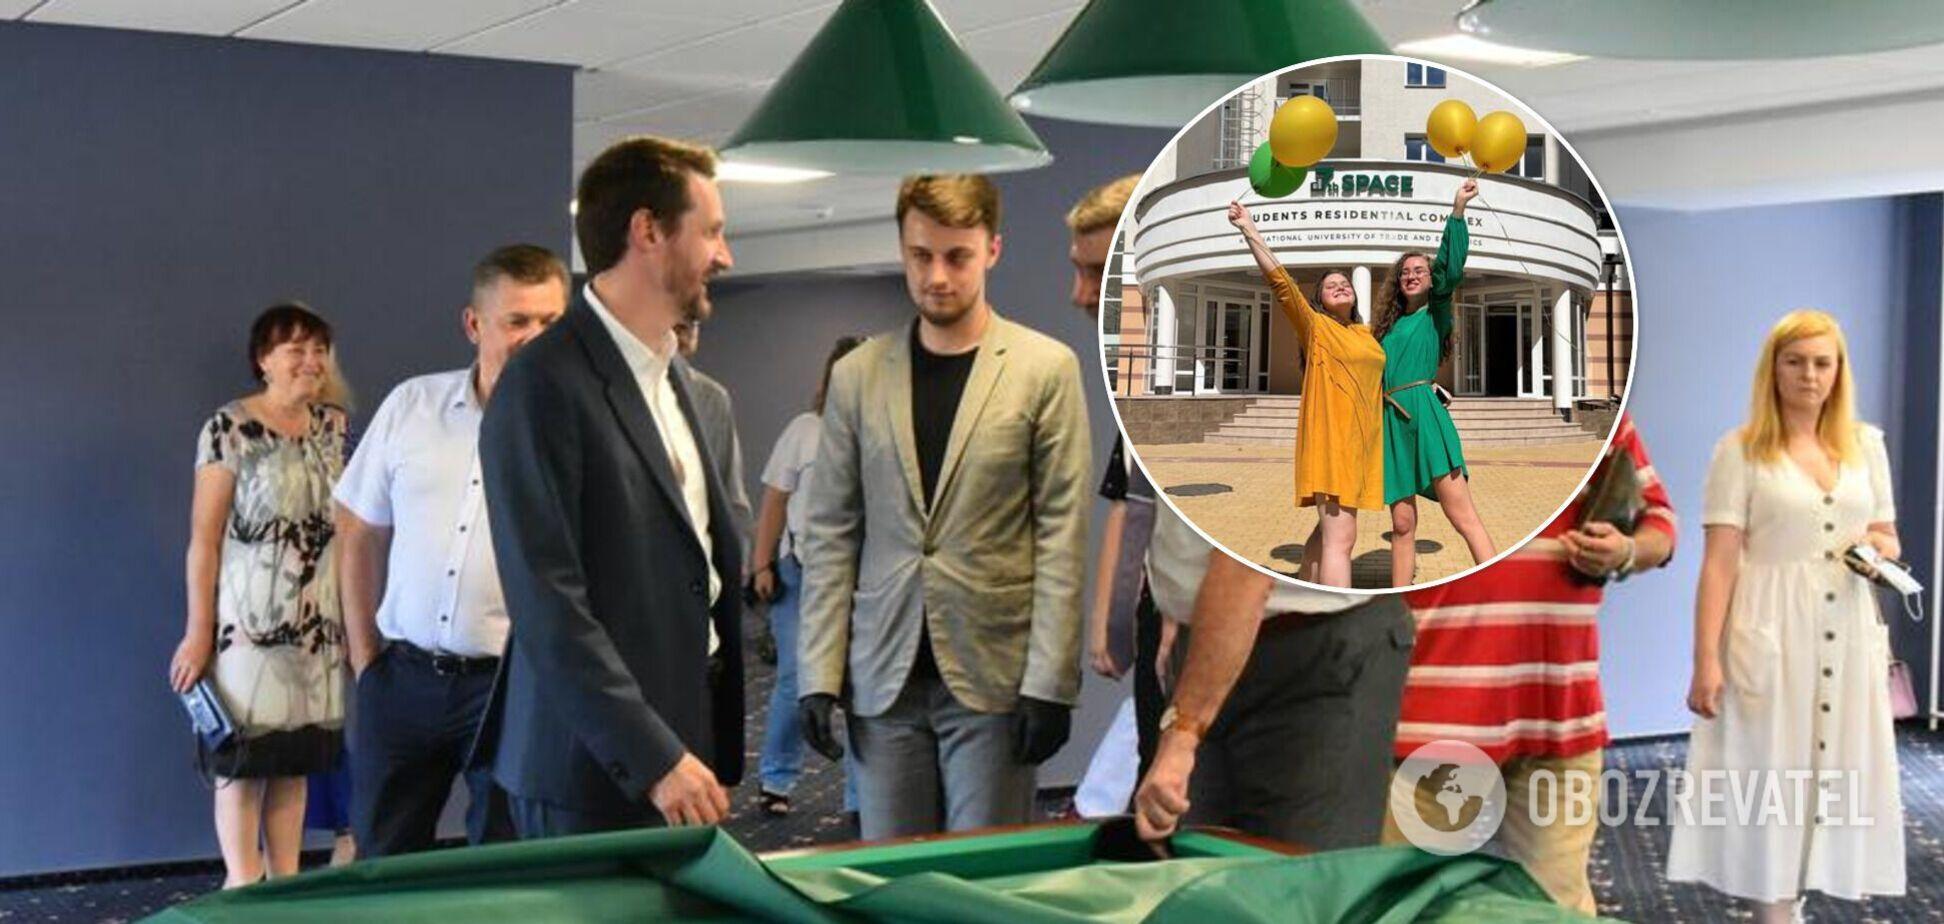 З кінотеатром та перукарнею: у Києві відкрили найсучасніший студентський гуртожиток в Україні. Фото